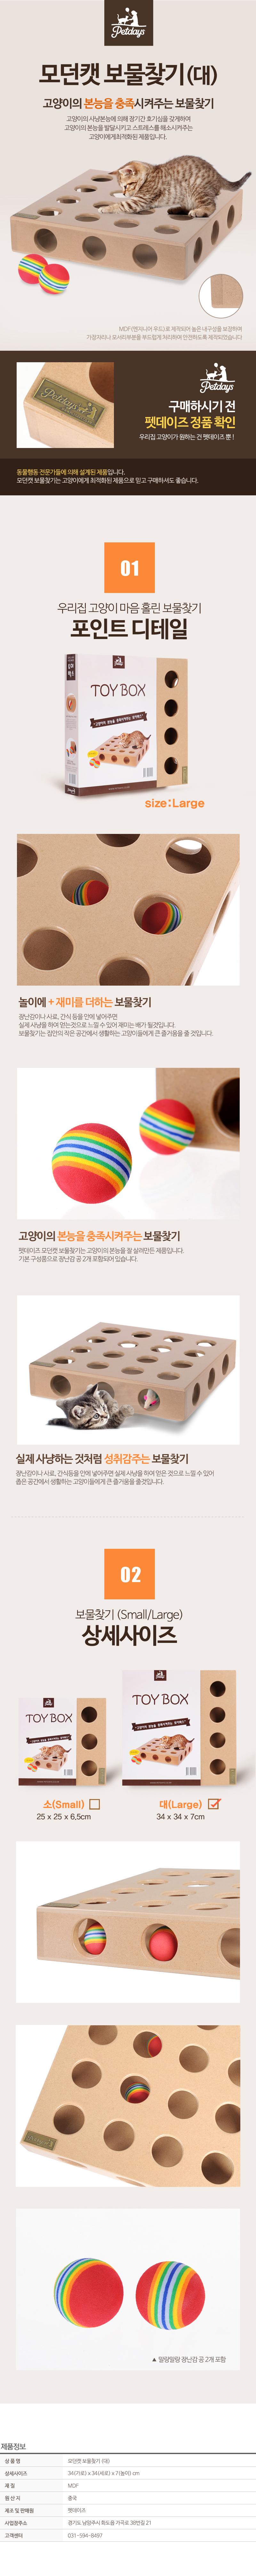 모던캣 보물찾기 고양이장난감 (대) - 스토어봄, 18,810원, 장난감/스크래쳐, 장난감